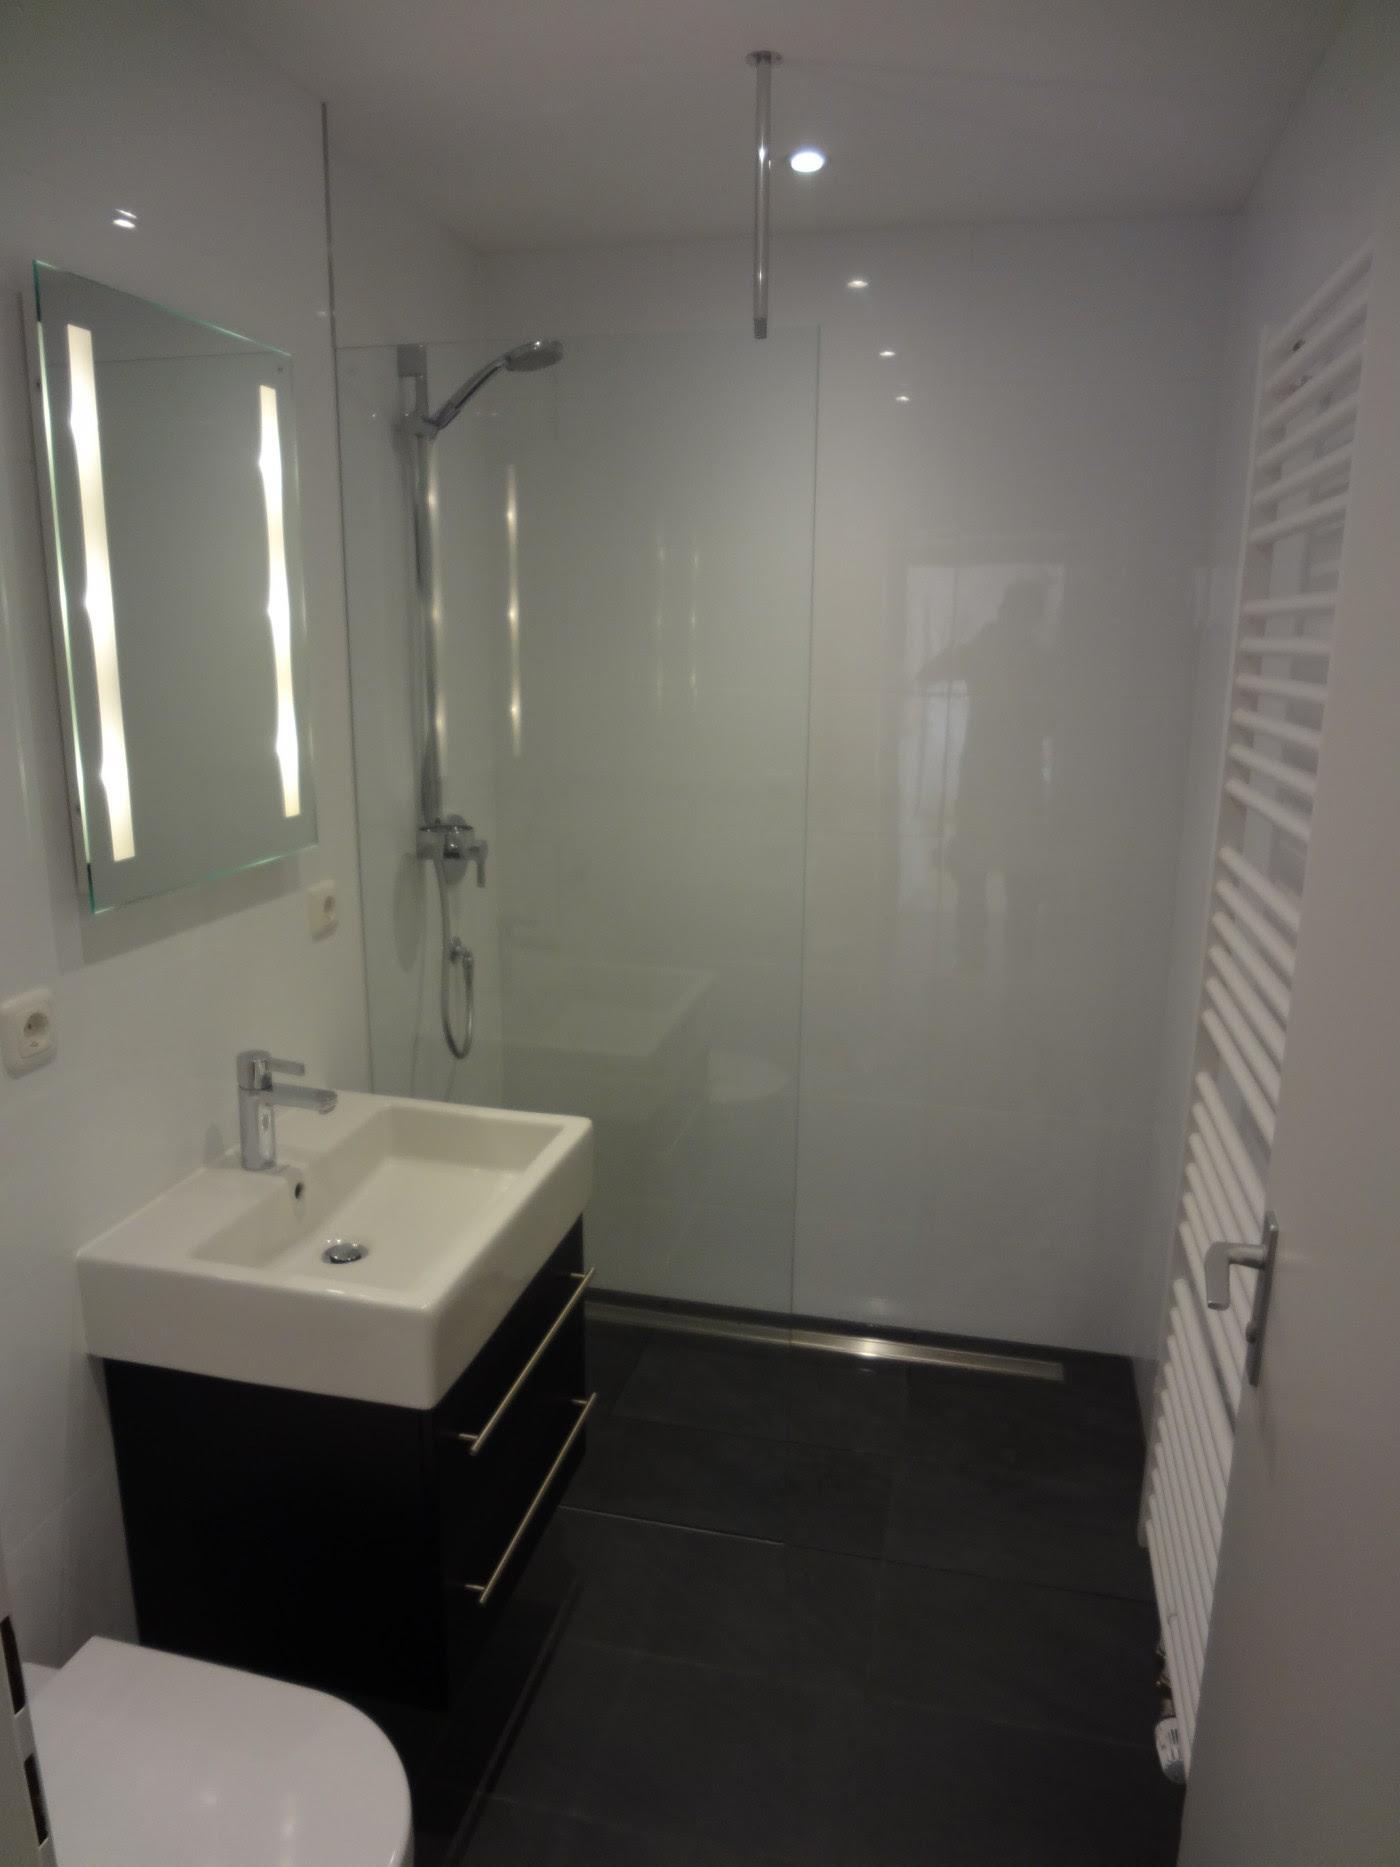 kleines bad mit dusche planen | badezimmer kreativ gestalten